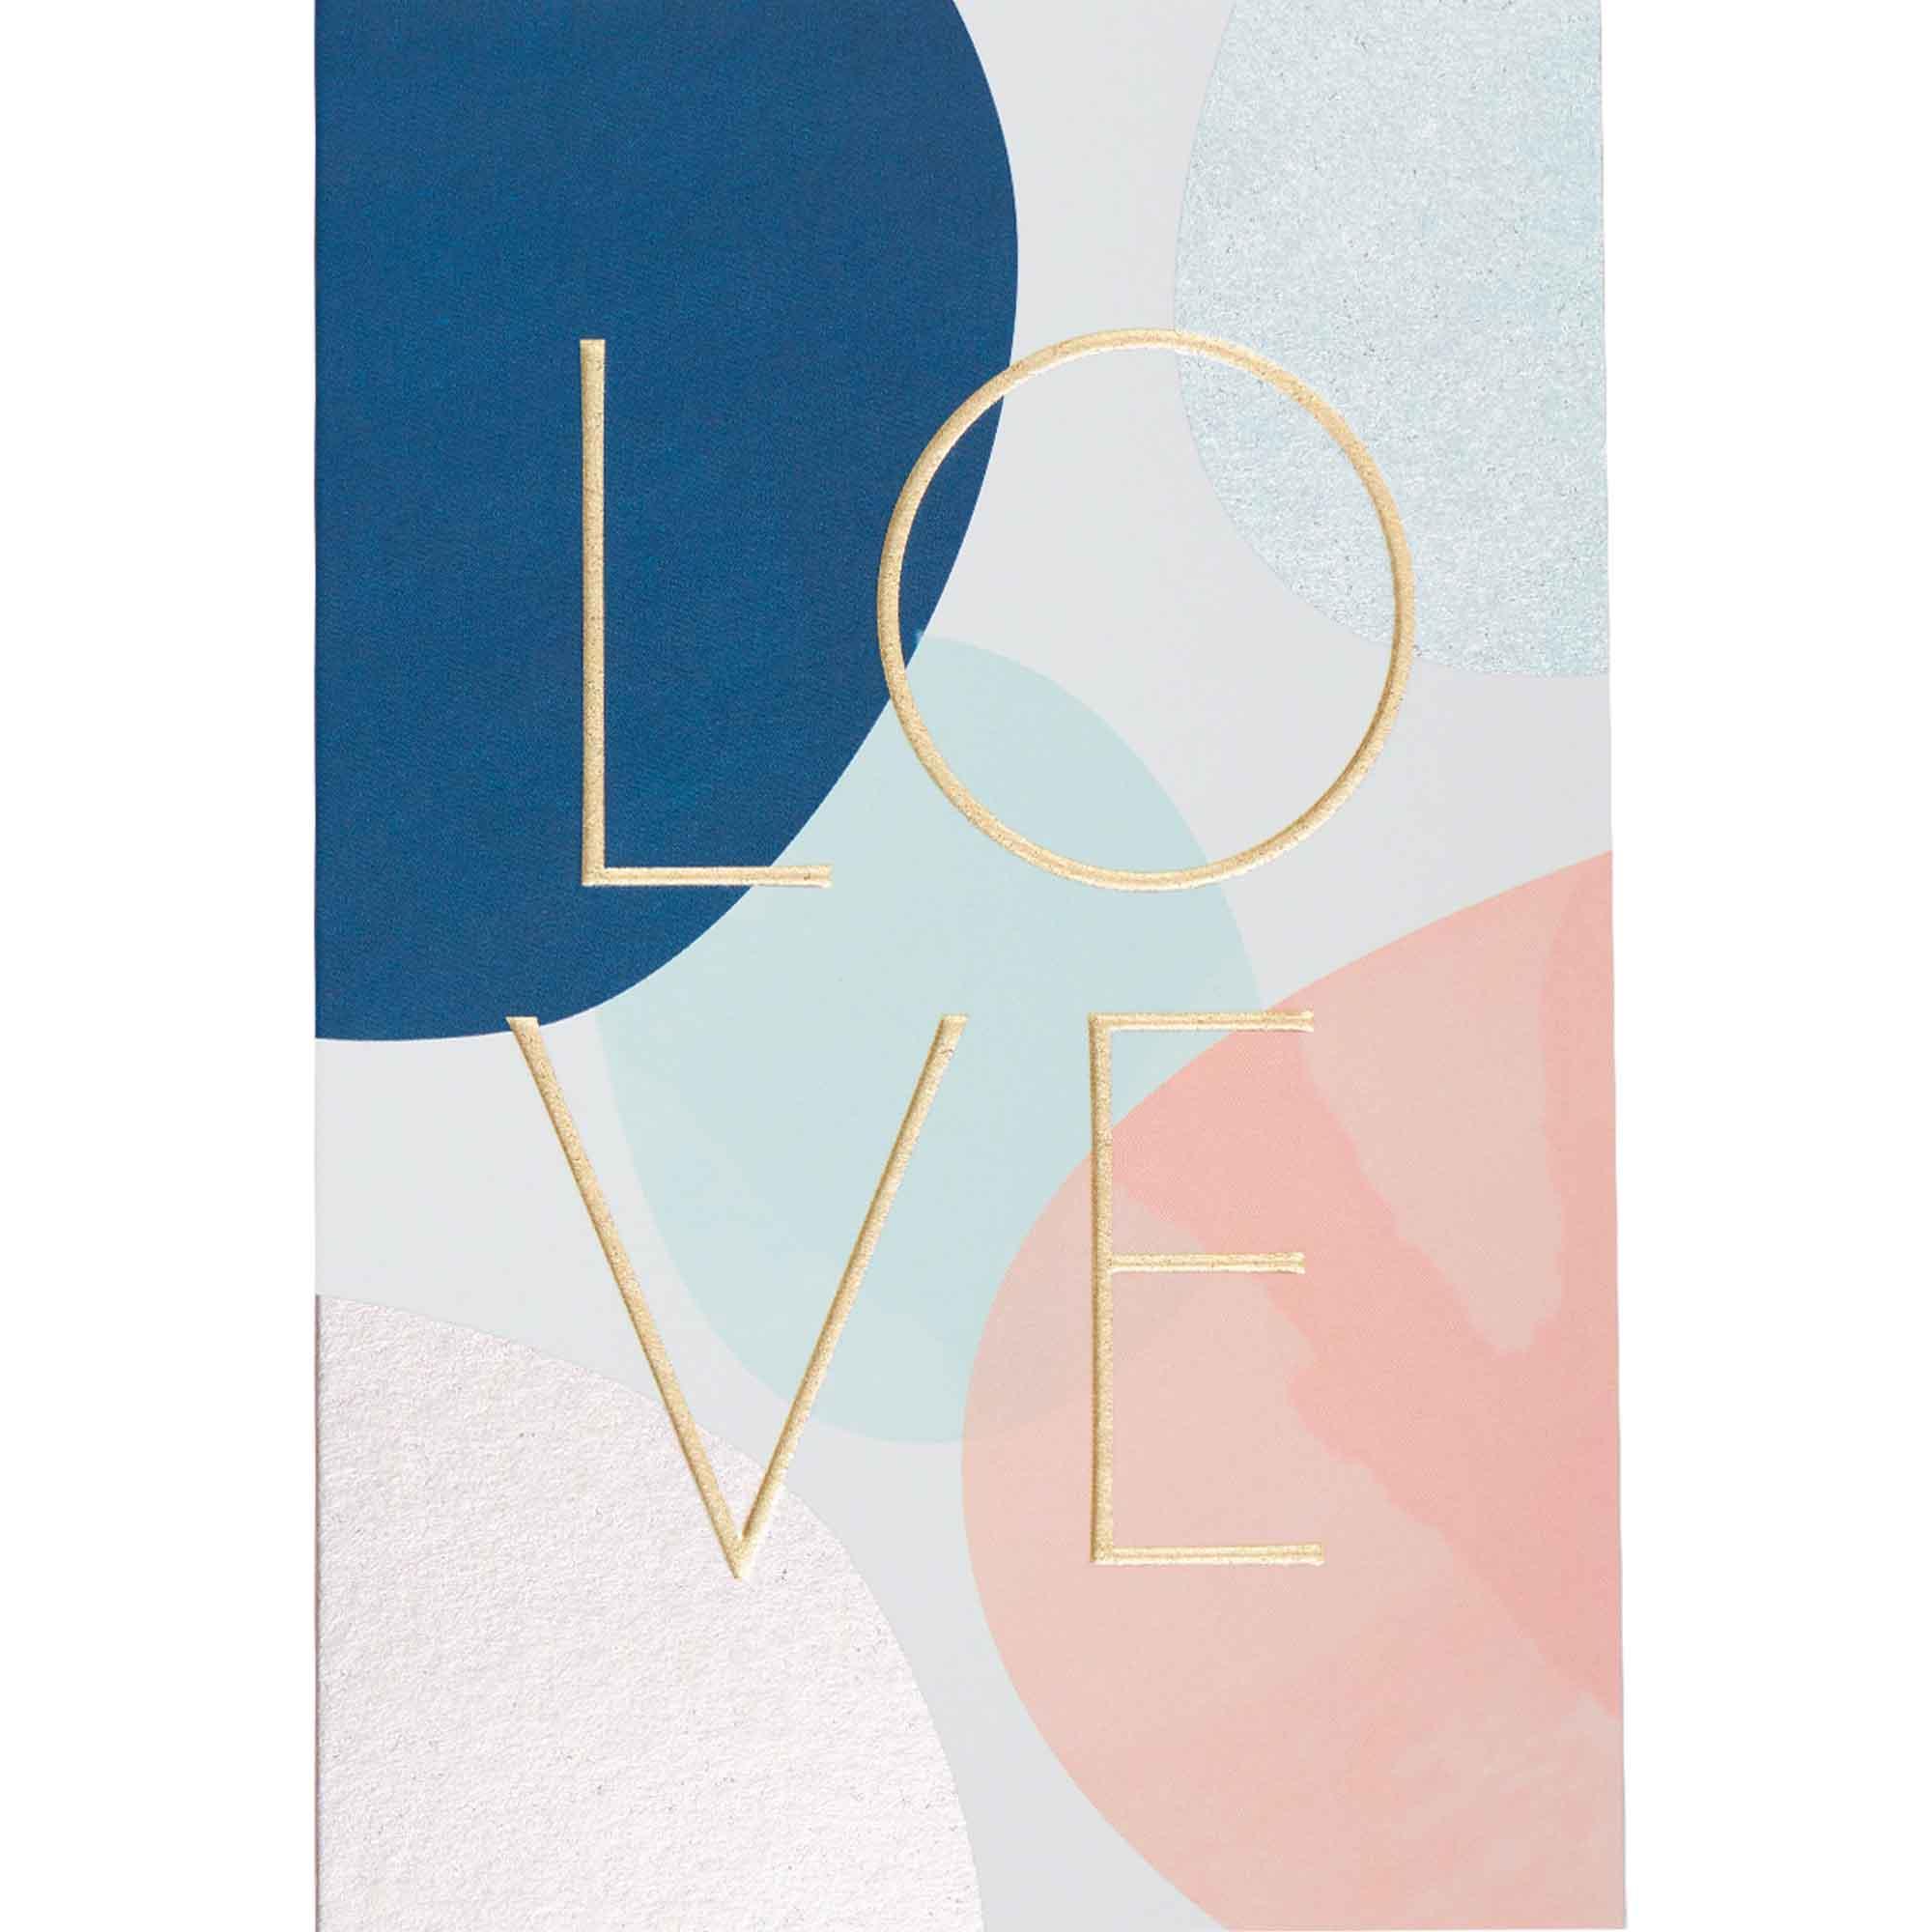 Carte love lettres dorées